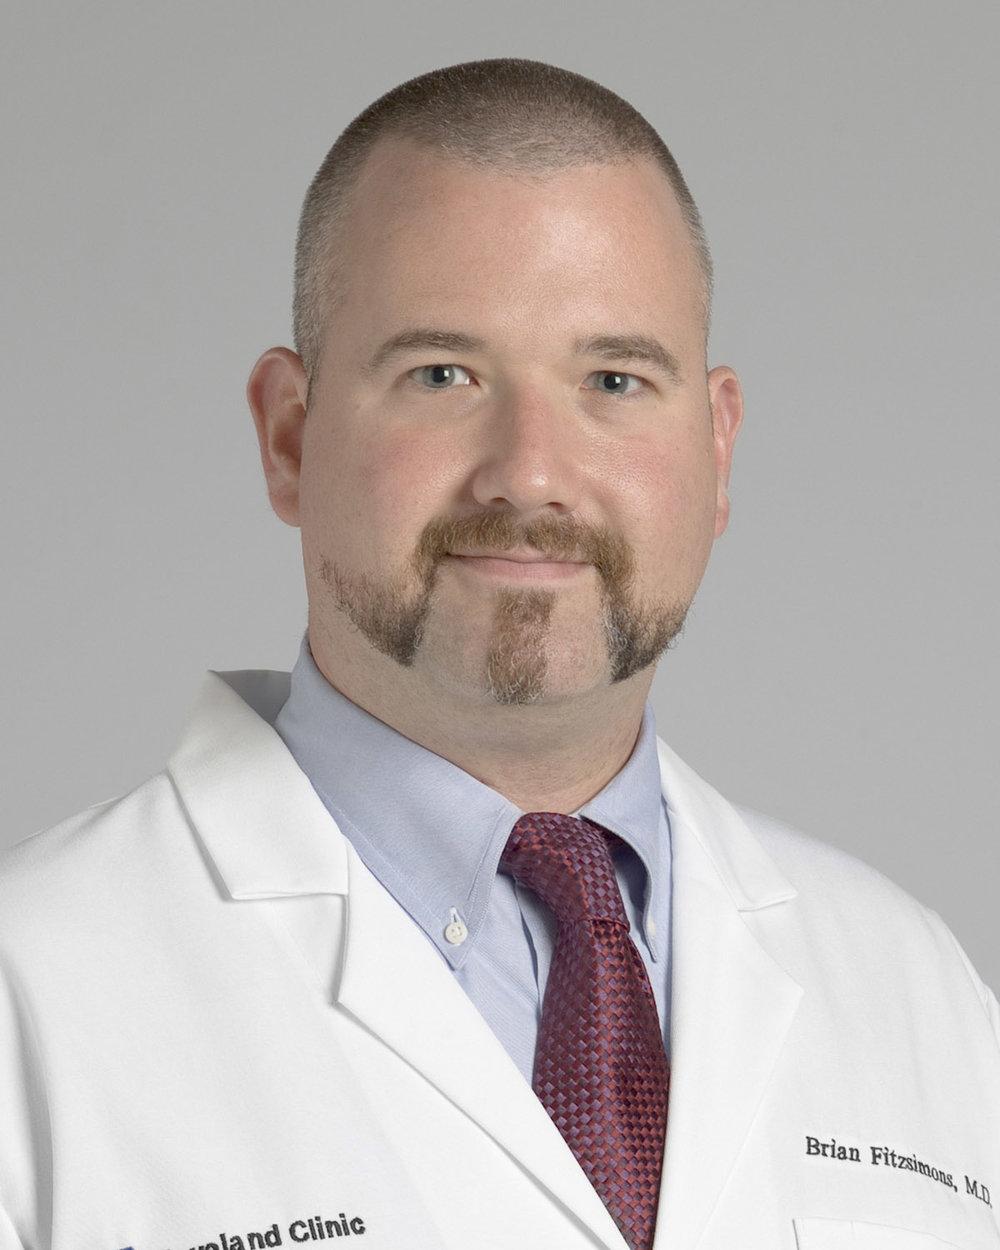 Dr. Brian Fitzsimons